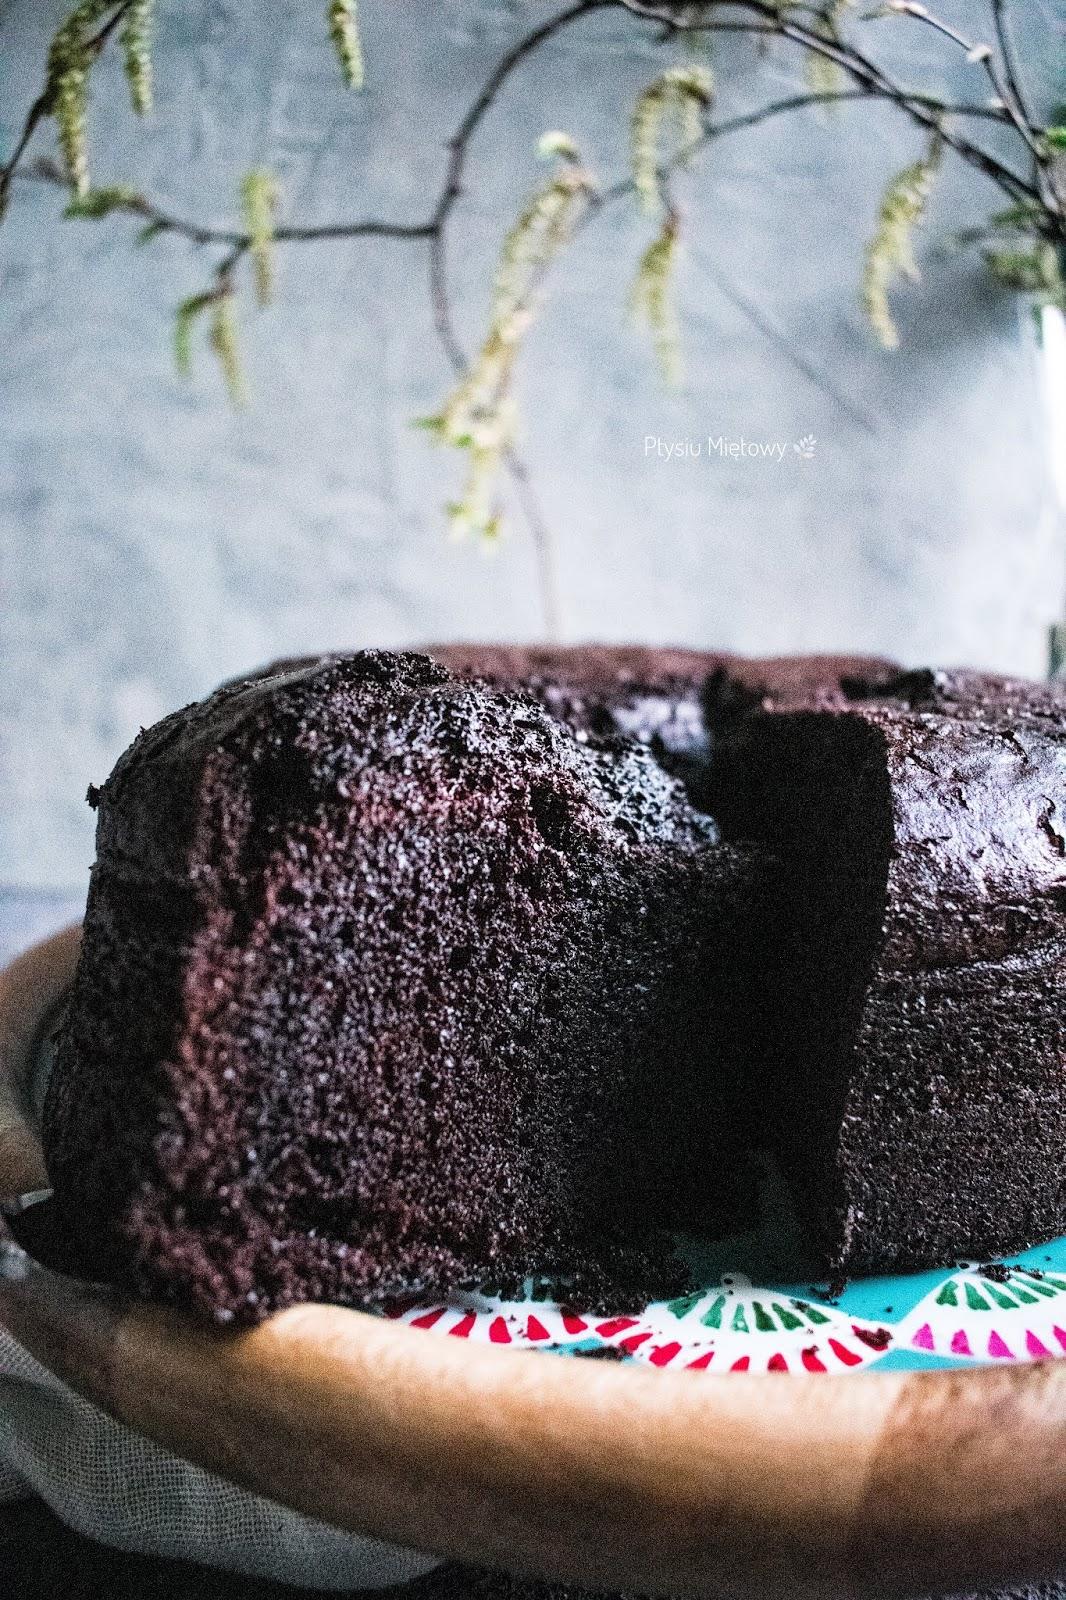 ciasto, czekolada, ptysiu mietowy, sw patryk